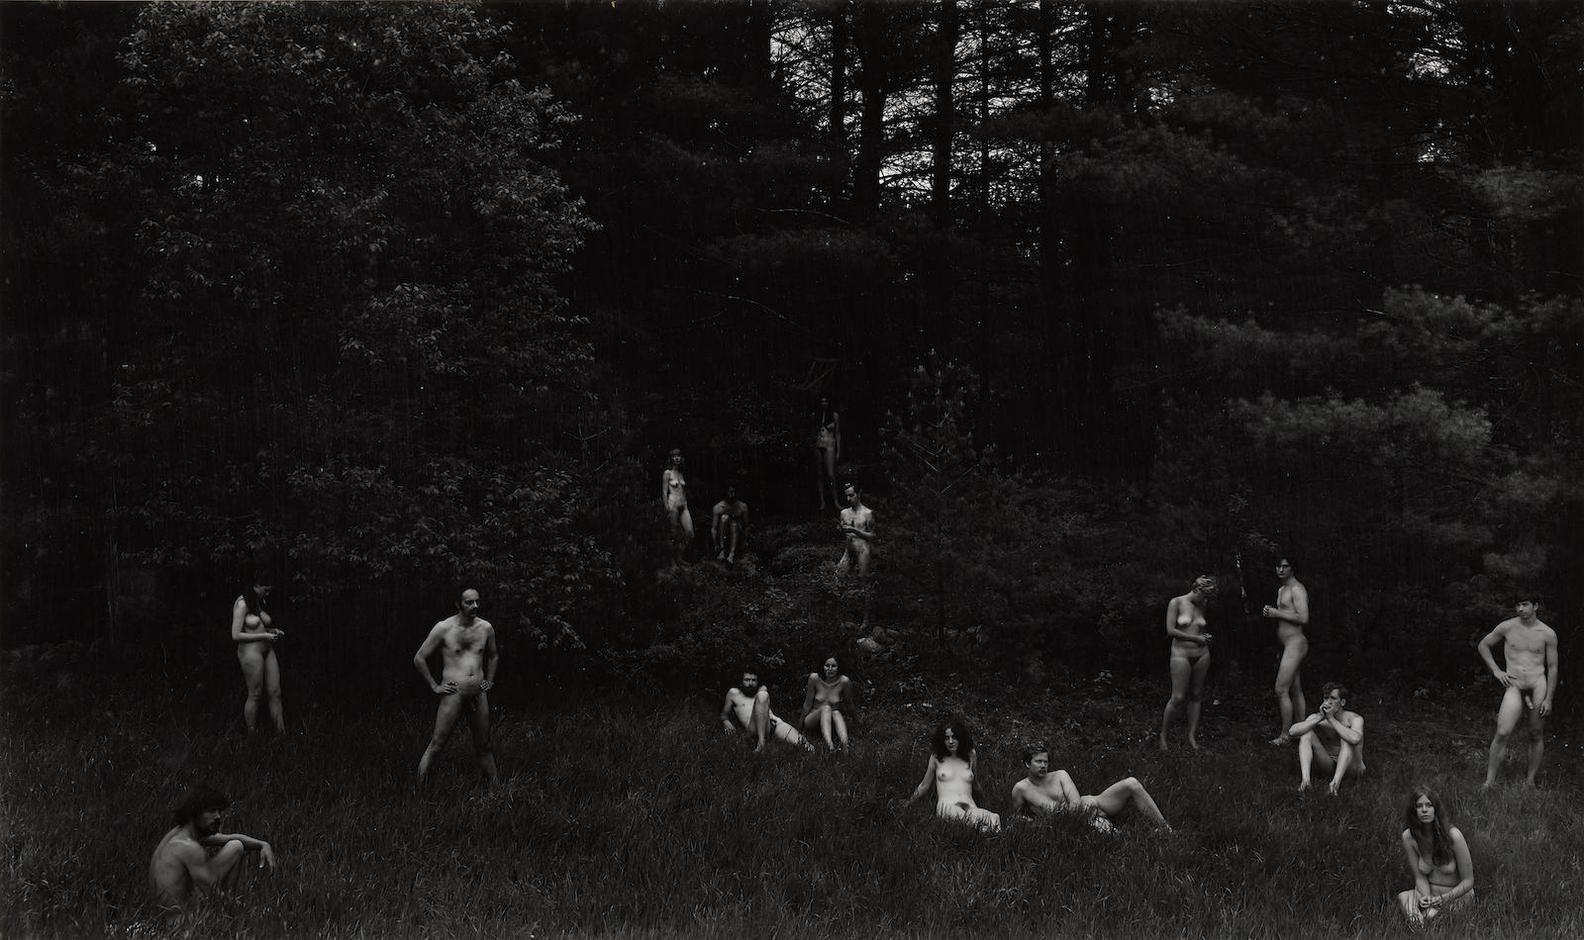 Art Sinsabaugh - Mark And Sherry-1969